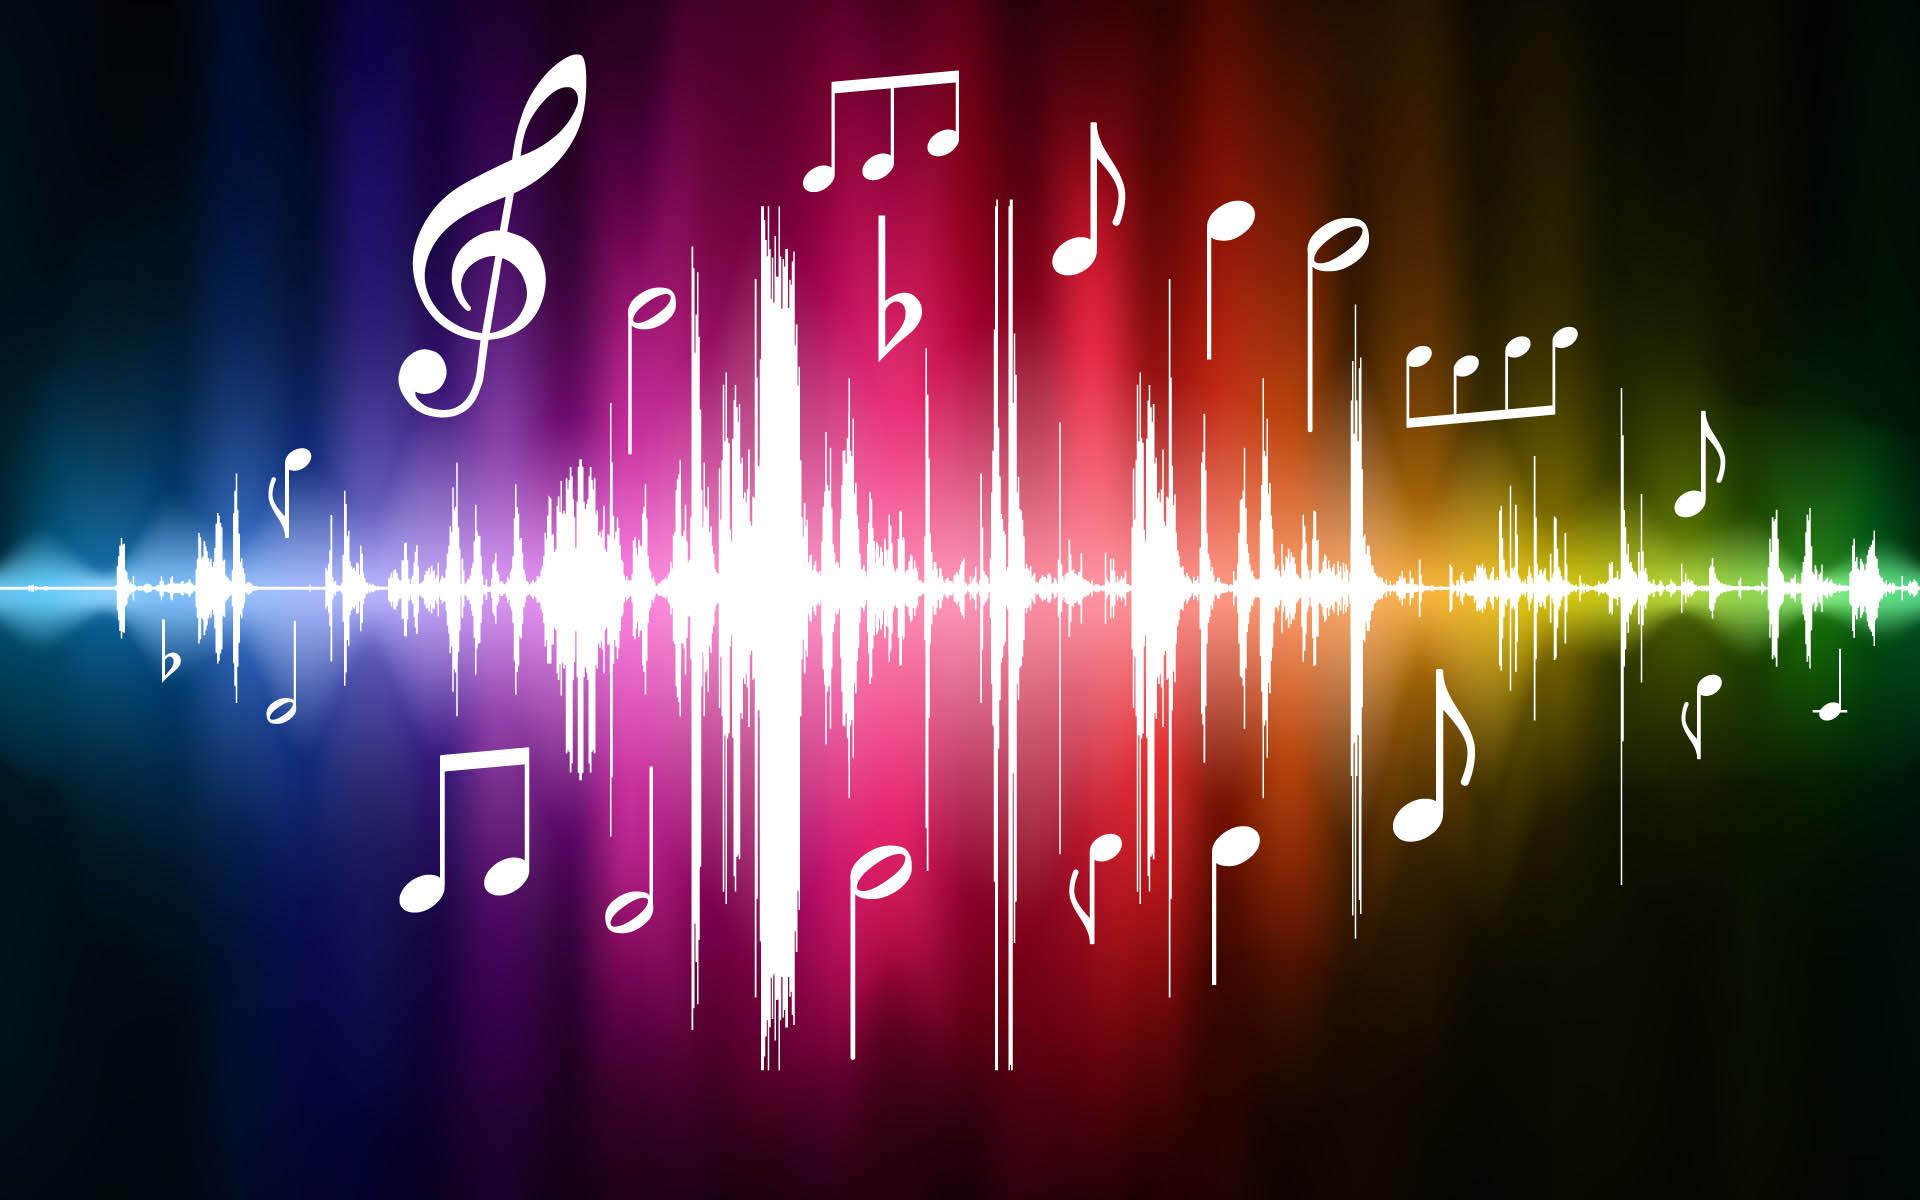 Sfondo hd musica wallpaper sfondi hd gratis for Photo hd gratuite